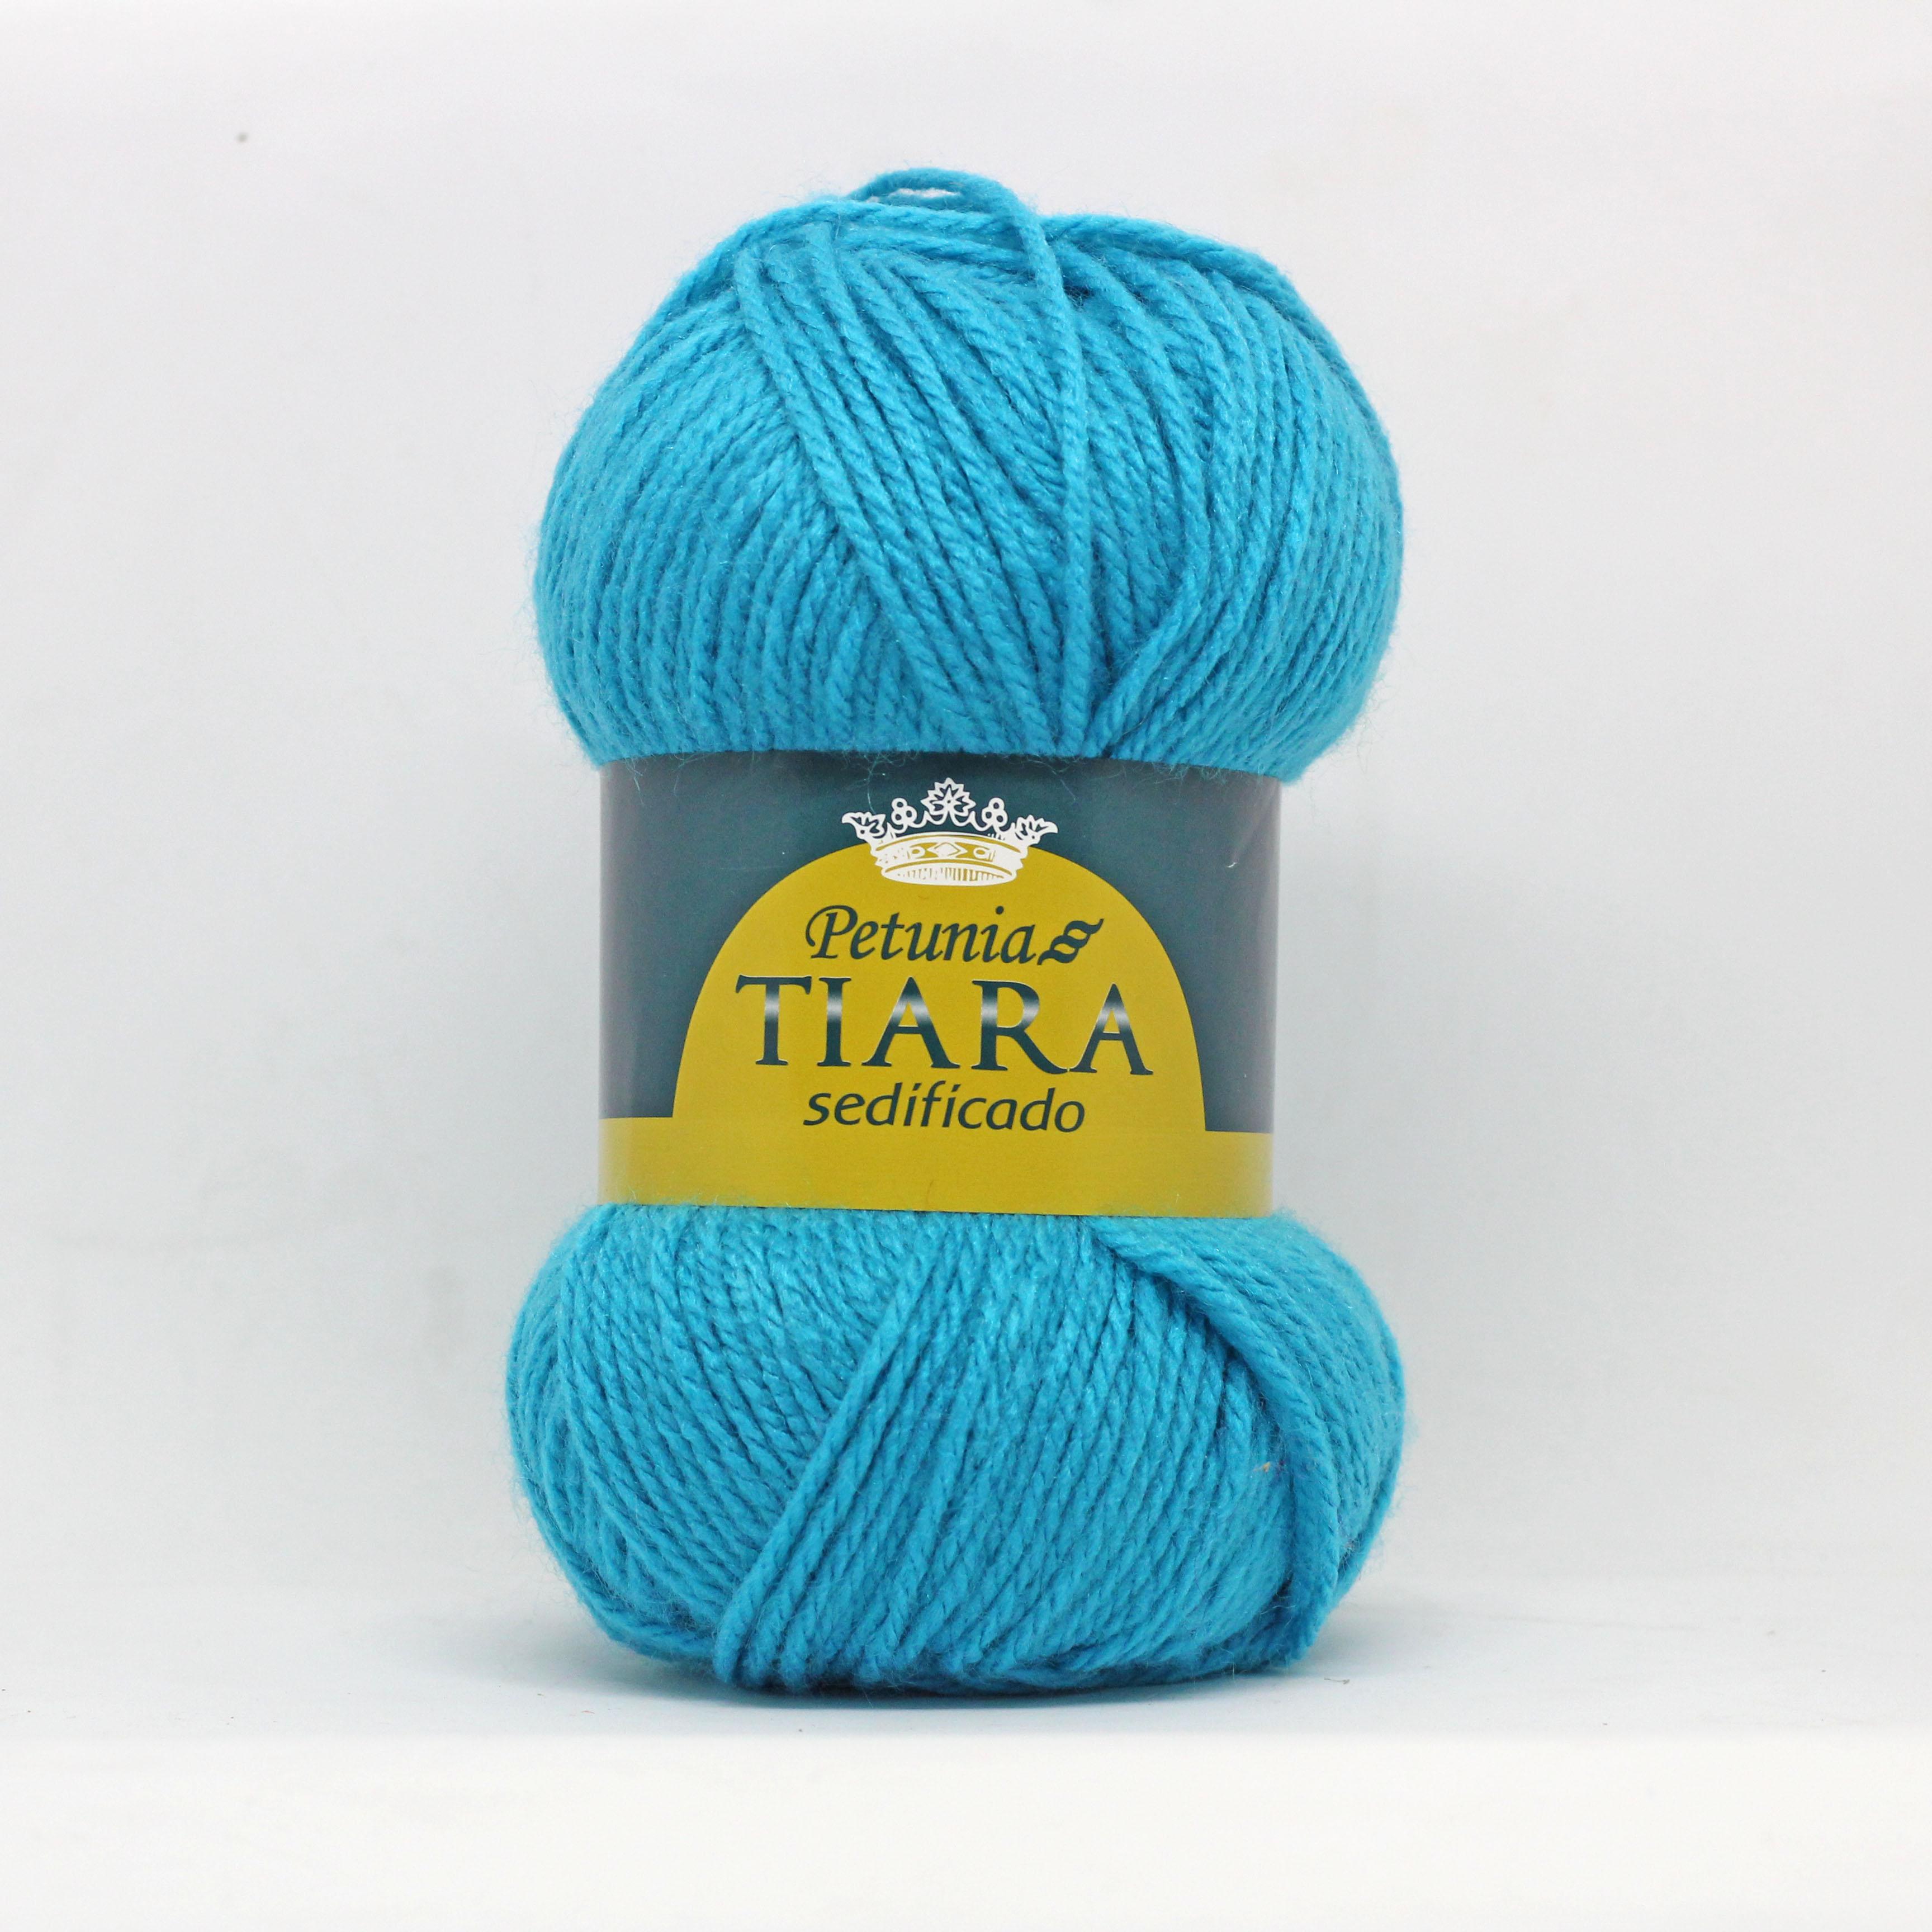 Tiara - 943